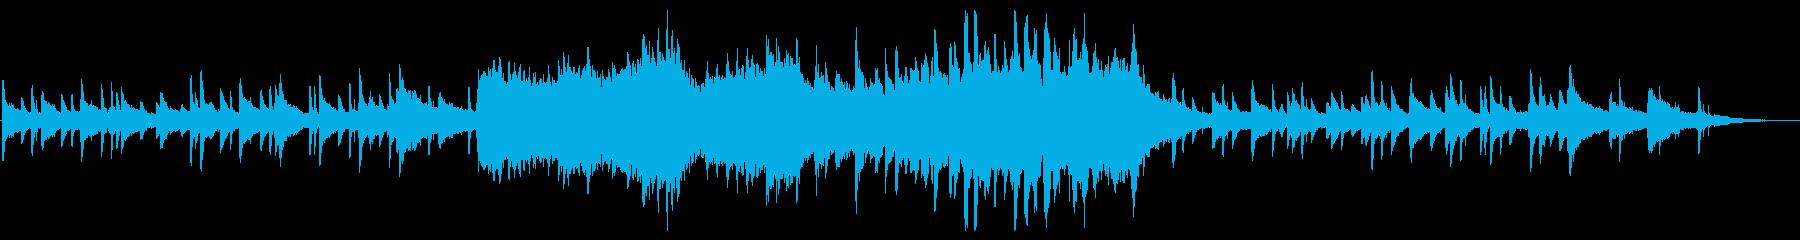 アンビエントミュージック 感情的 ...の再生済みの波形